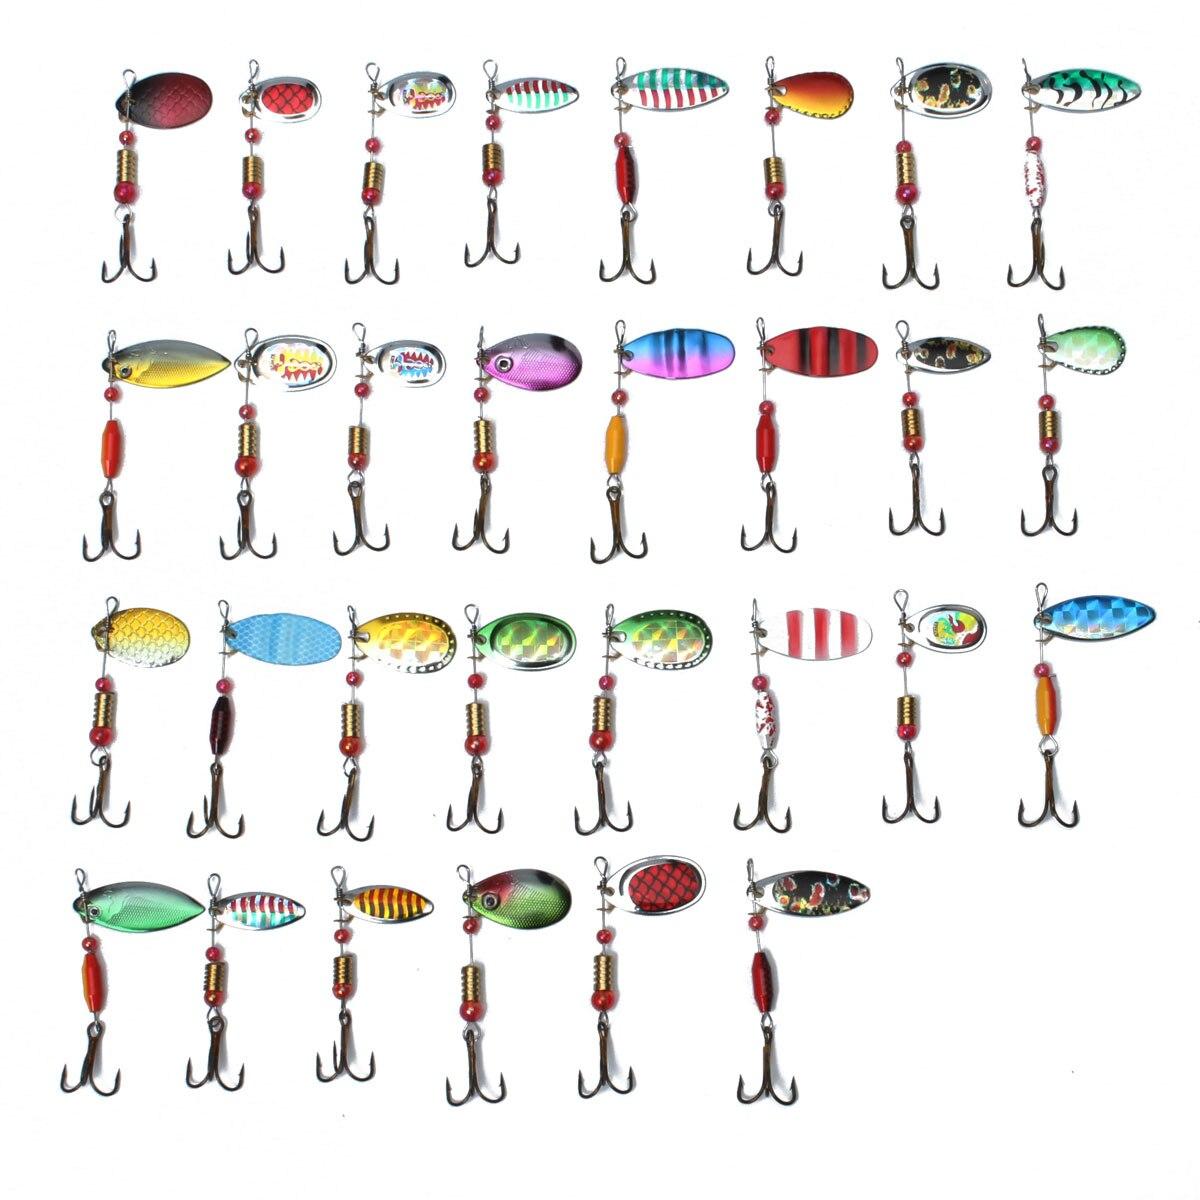 30pcs Metal Fishing Lure Set  2